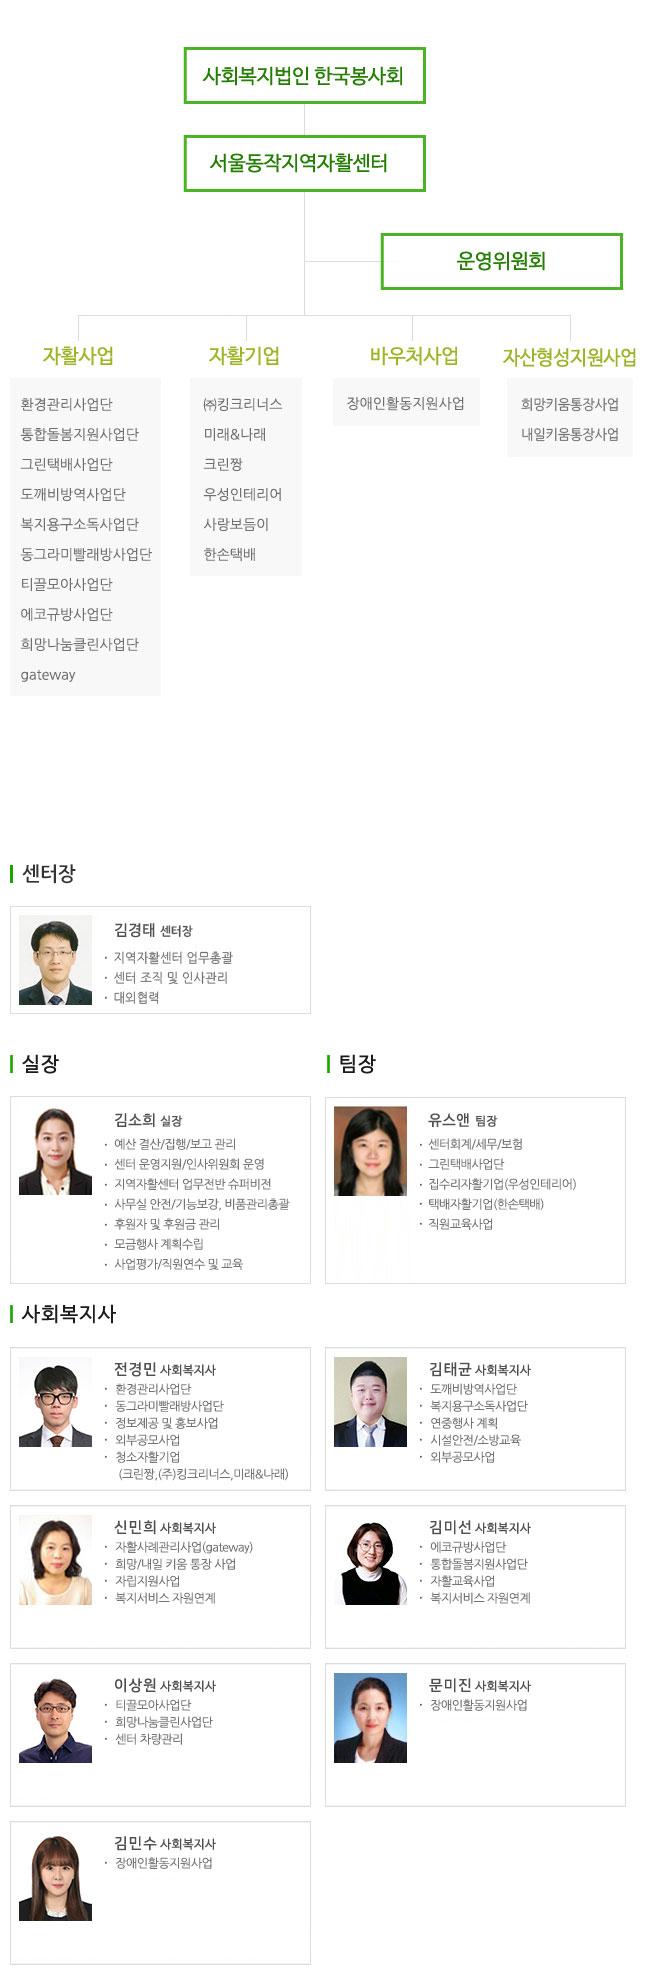 서울동작지역자활센터 조직도